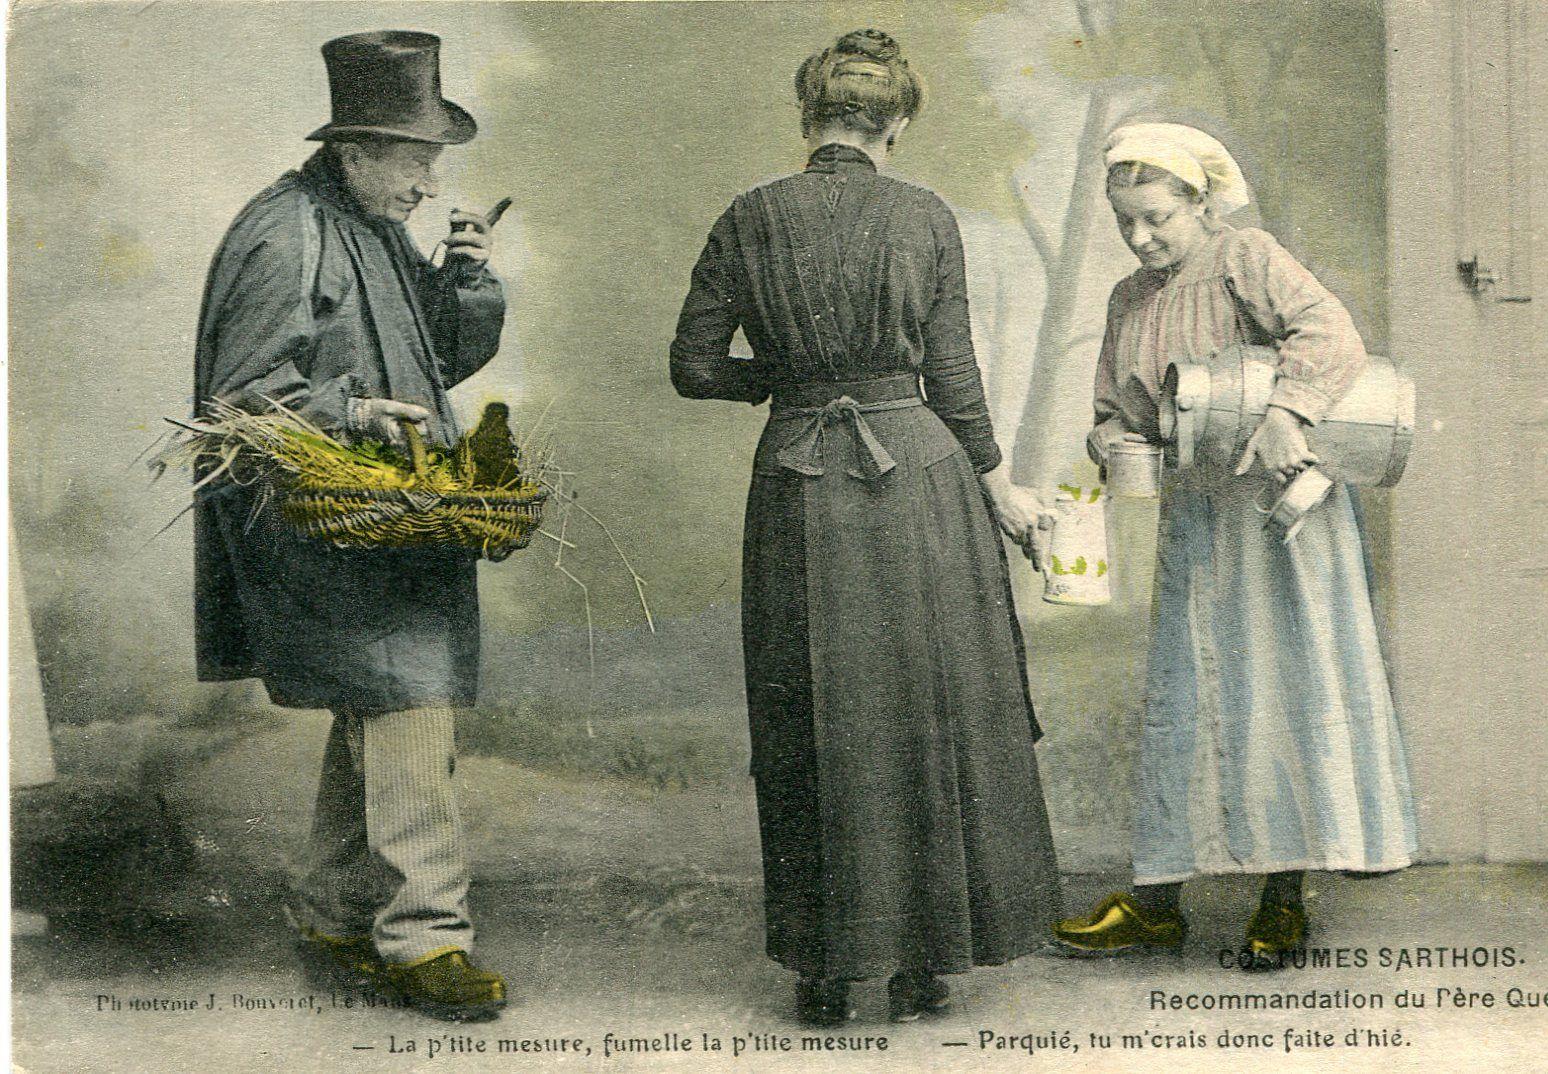 Au quotidien - Art de vivre et costumes - Costumes Sarthois - Recommandation du Père Quéru